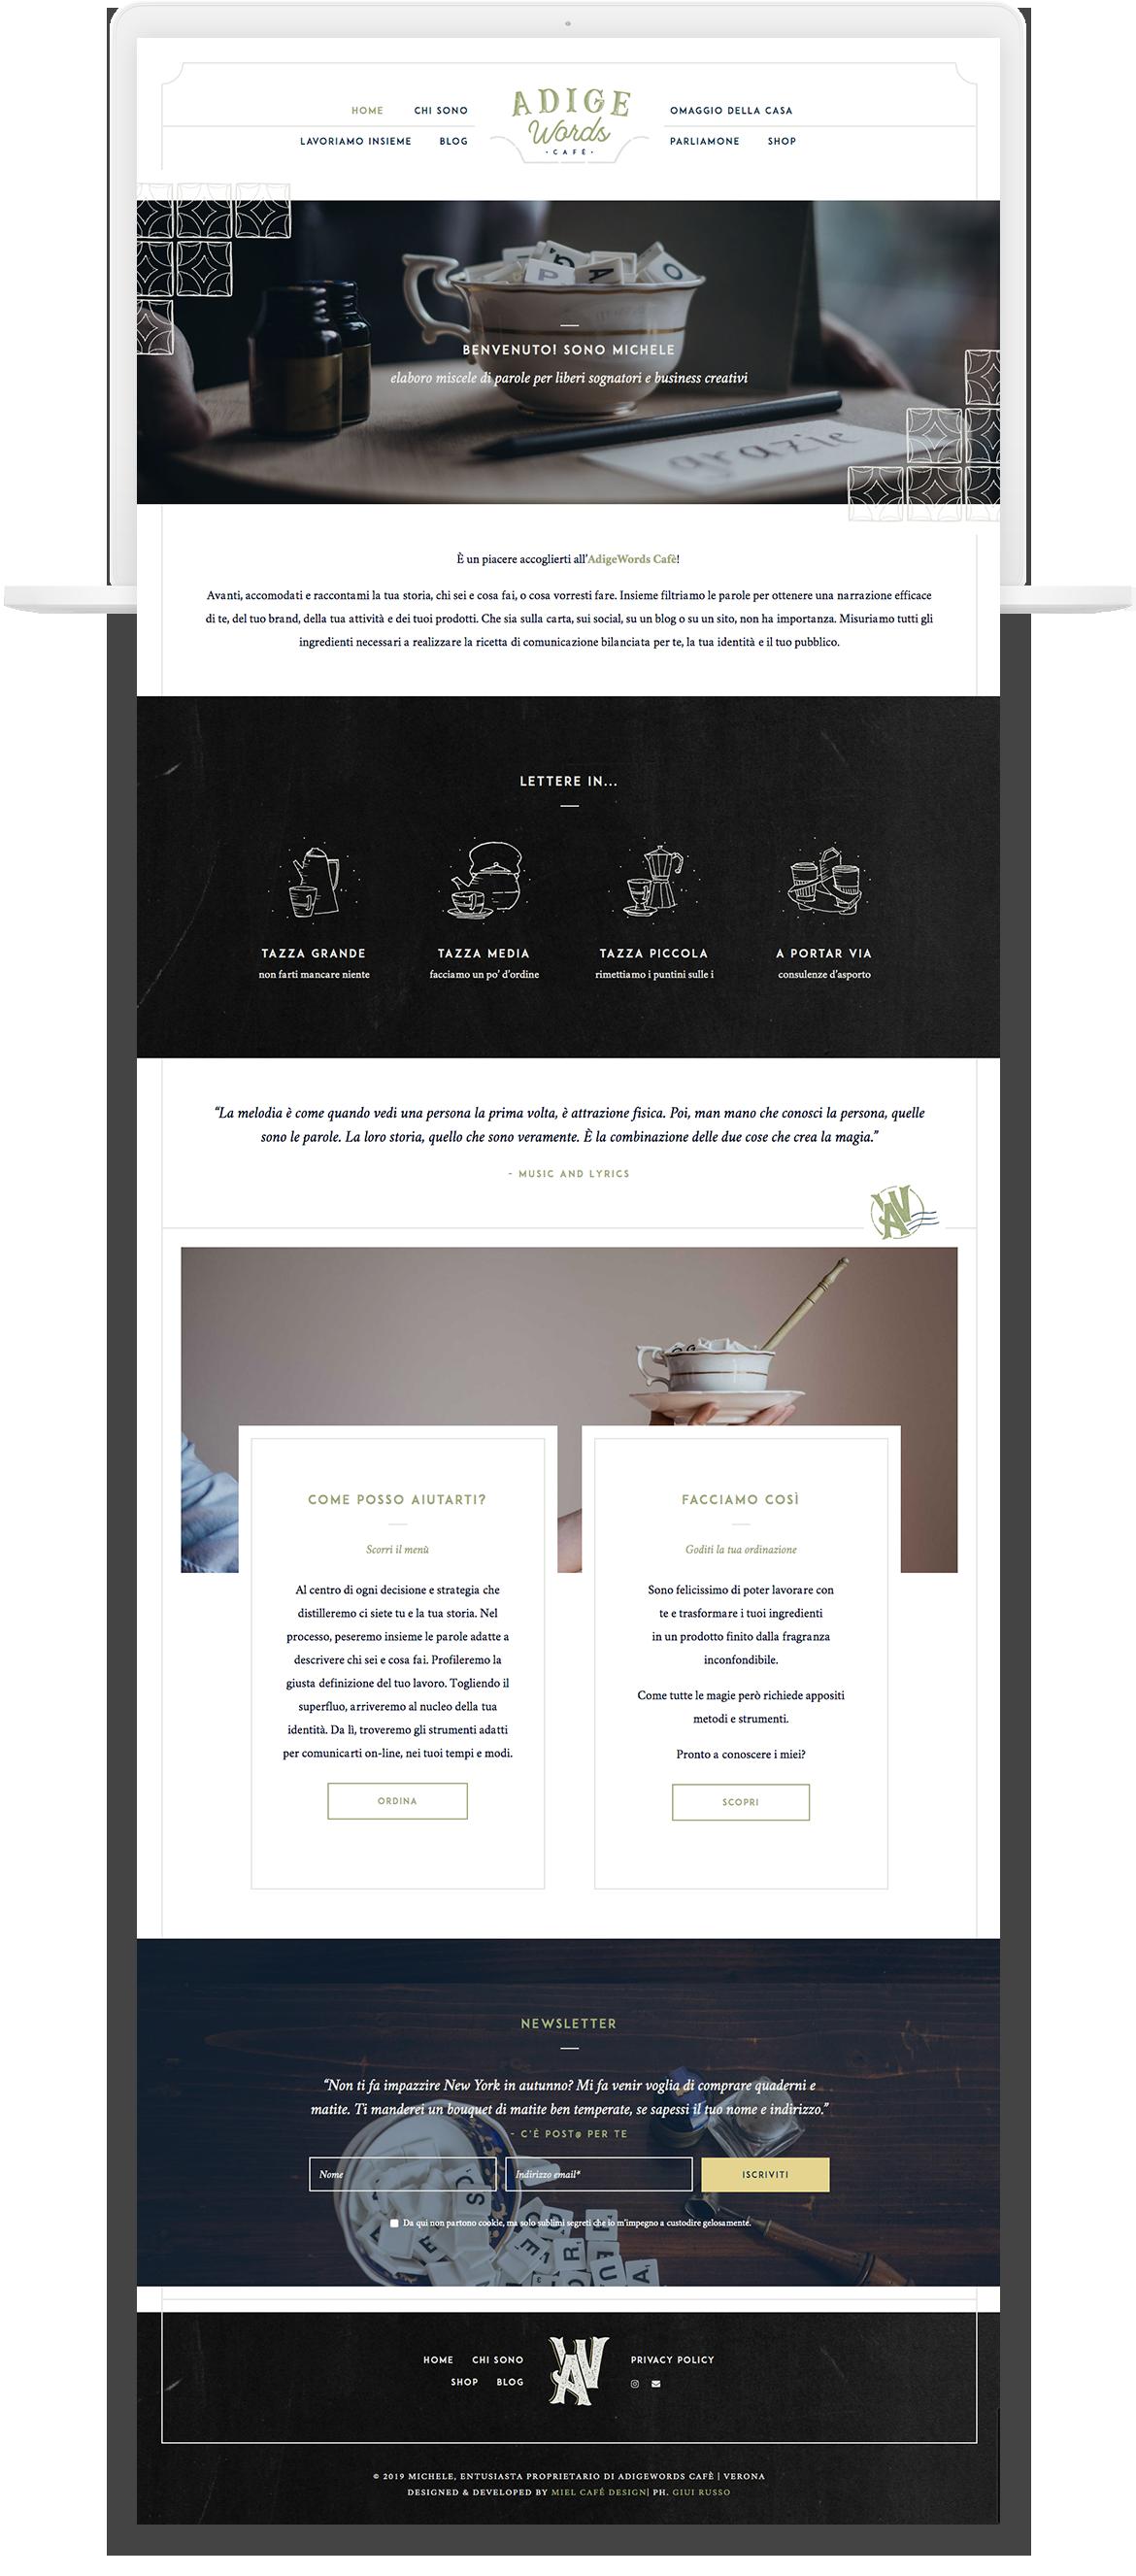 Miel Café Design Portfolio: Web design hipster lavagna per copywriter Adige Words Café